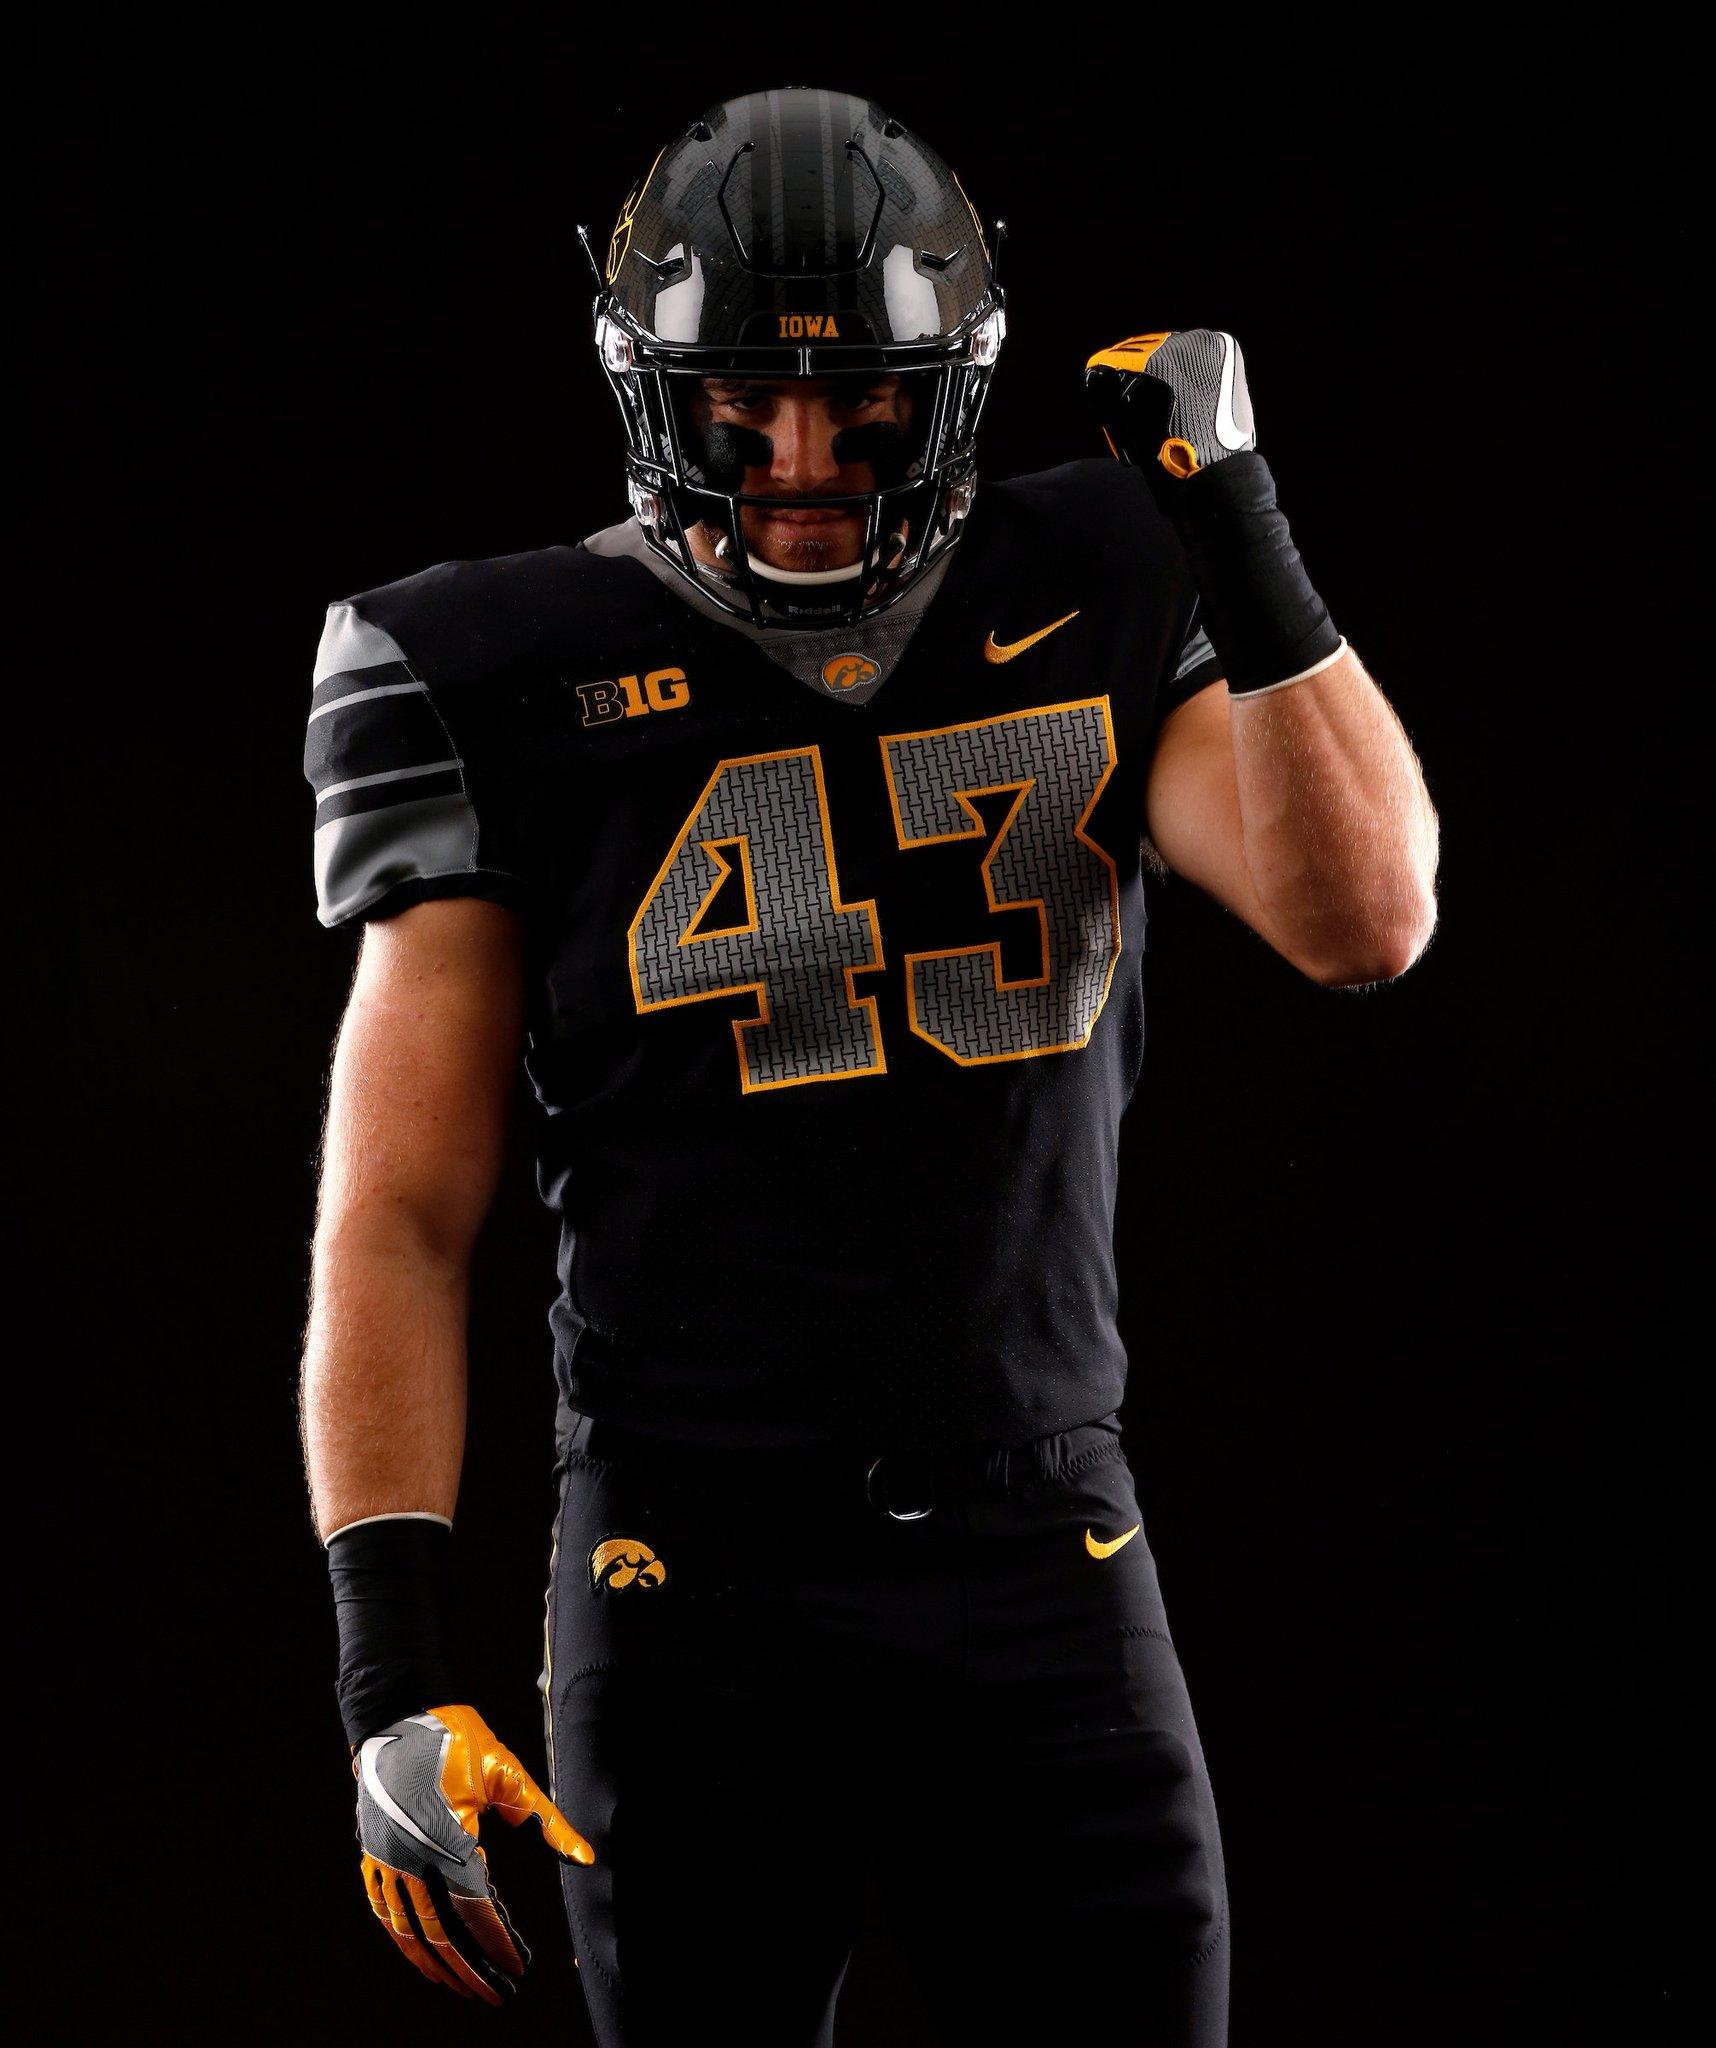 45dee41276c College Football News: Iowa will wear ...